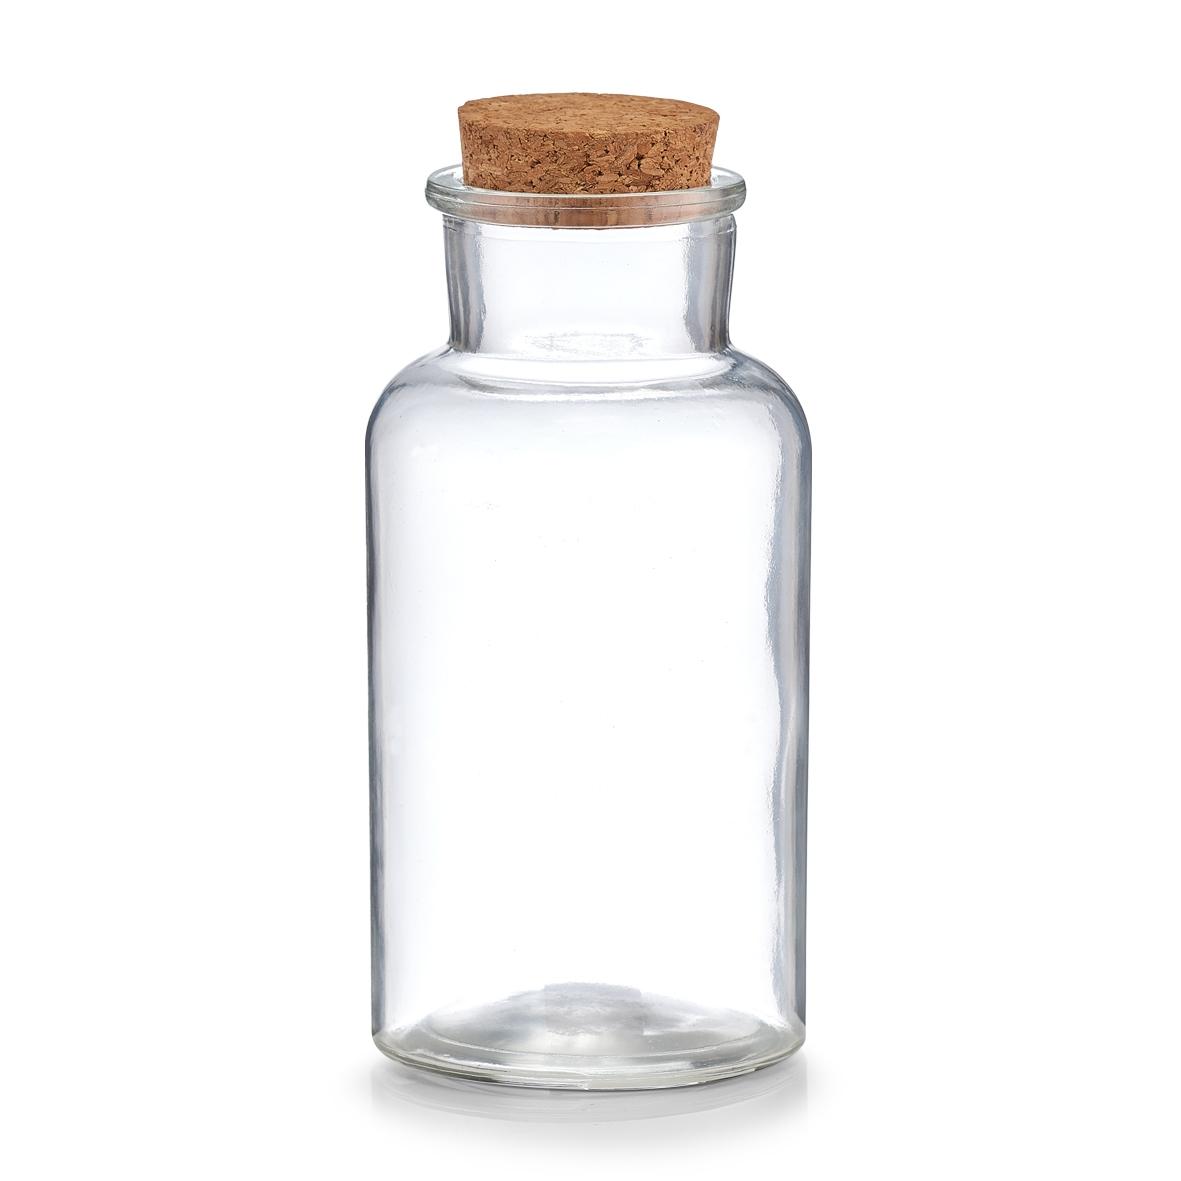 Borcan pentru depozitare cu capac din pluta, Glass, 500 ml, Ø 8xH17,5 cm( 474733)